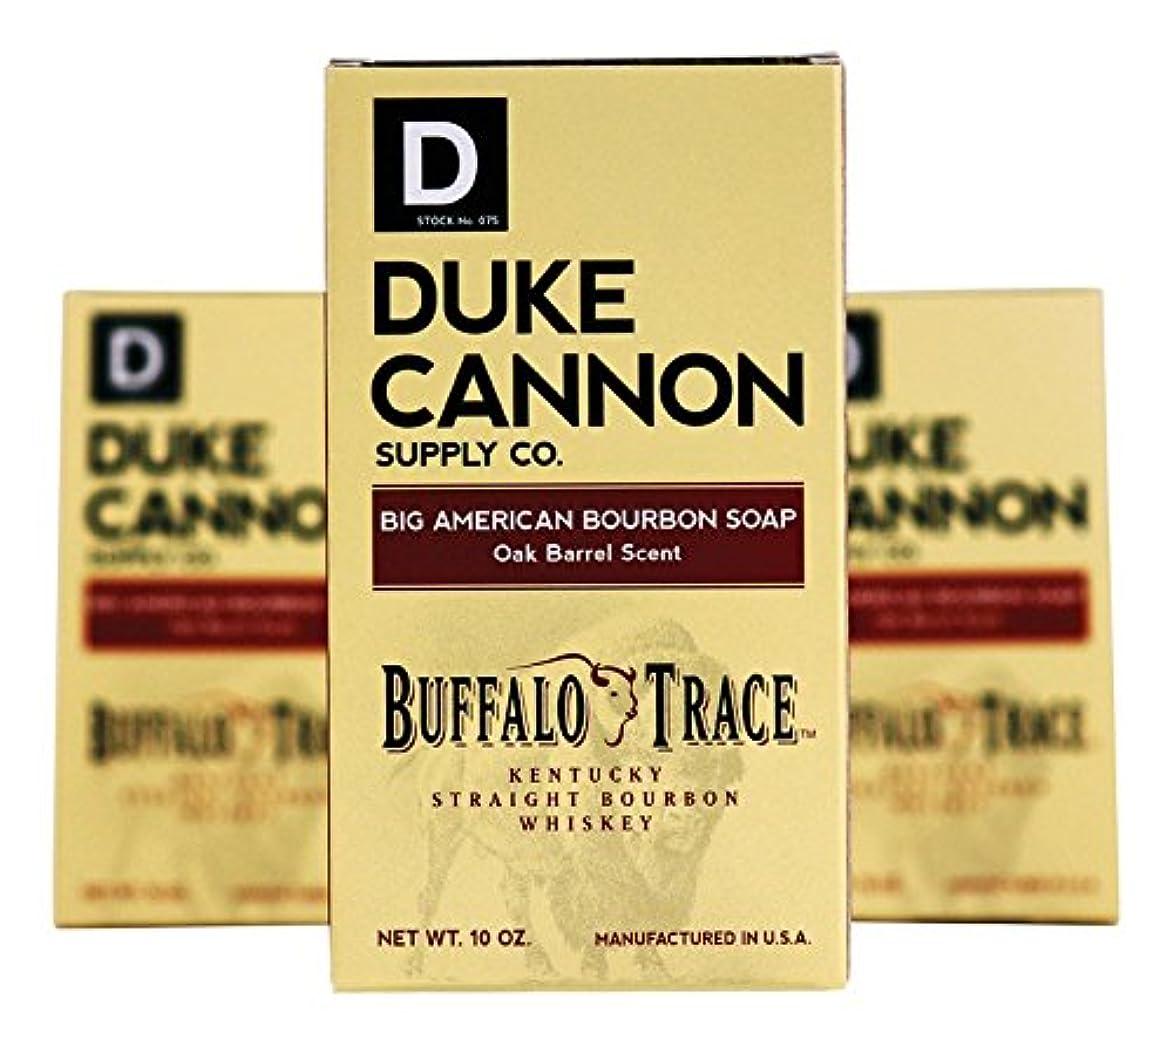 取得読みやすさ急速なDuke Cannon タバーンコレクションスペシャルエディションメンズソープ(、)